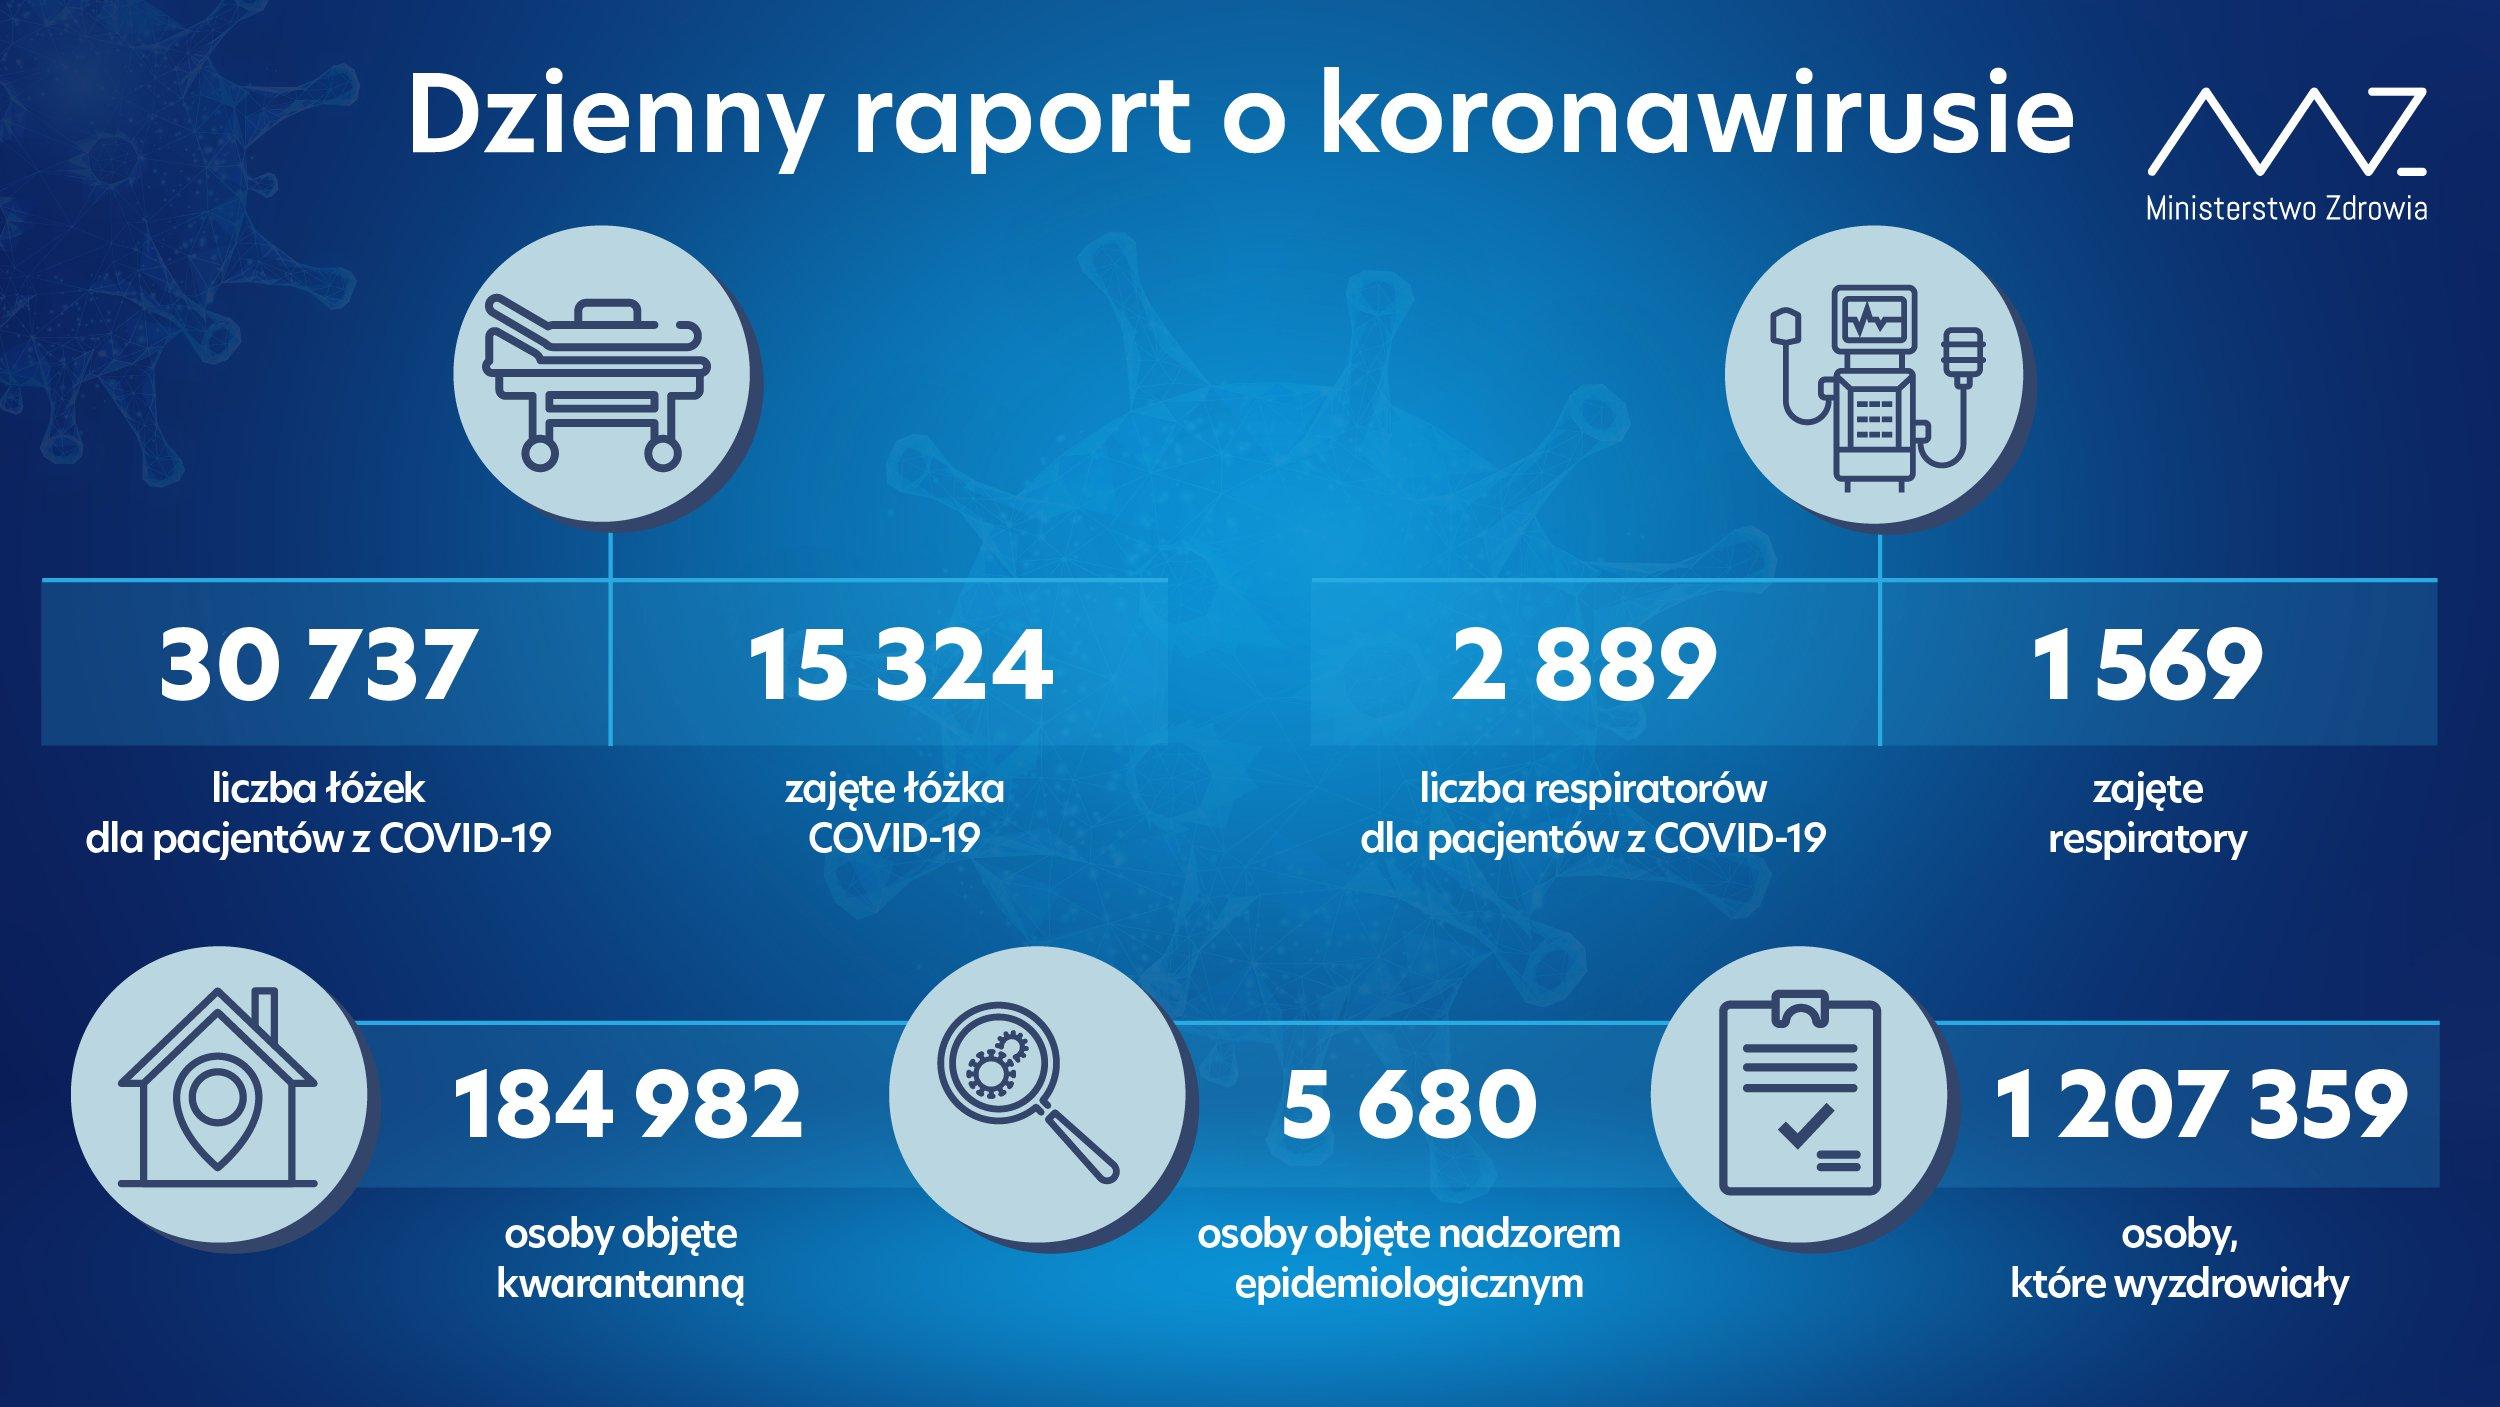 - liczba łóżek dla pacjentów z COVID-19: 30 737 - liczba łóżek zajętych: 15 324 - liczba respiratorów dla pacjentów z COVID-19: 2 889 - liczba zajętych respiratorów: 1 569 - liczba osób objętych kwarantanną: 184 982 - liczba osób objętych nadzorem sanitarno-epidemiologicznym:  5 680  - liczba osób, które wyzdrowiały: 1 207 359